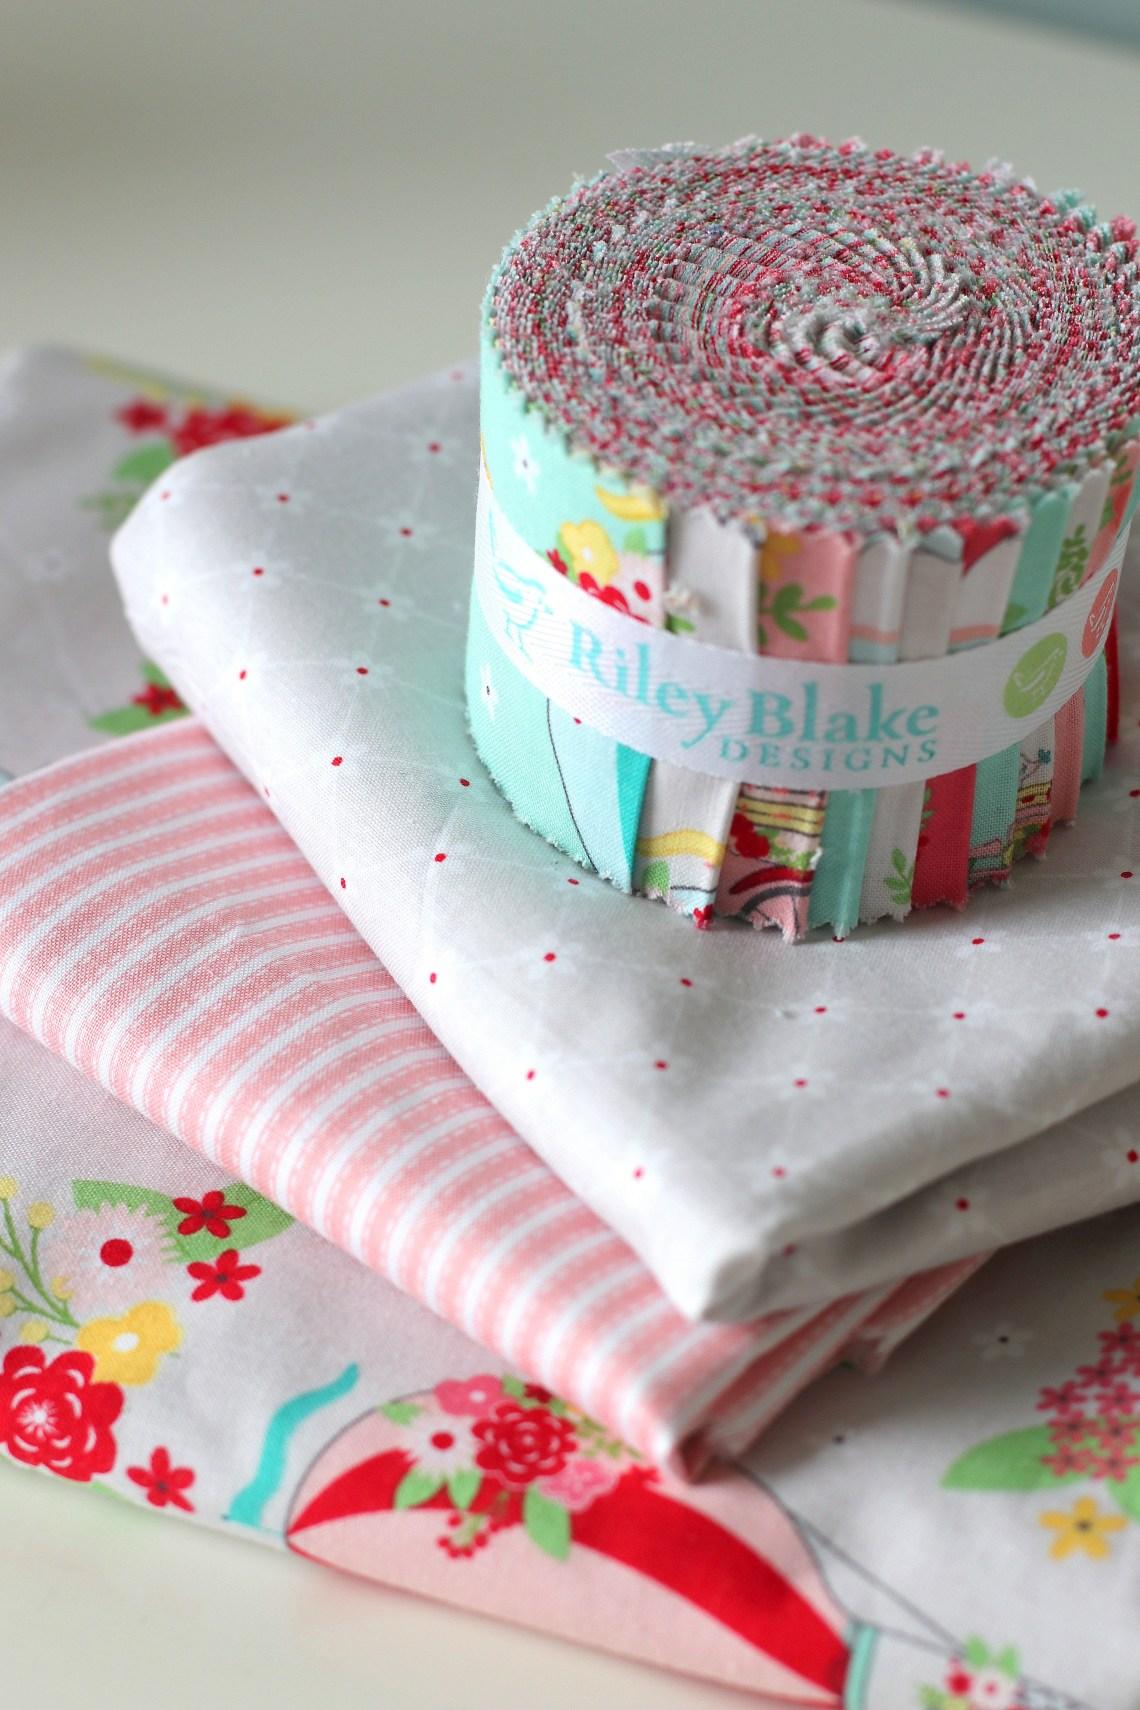 Vintage Adventure Scrappy Nines Baby Quilt Tutorial - Riley Blake Designs